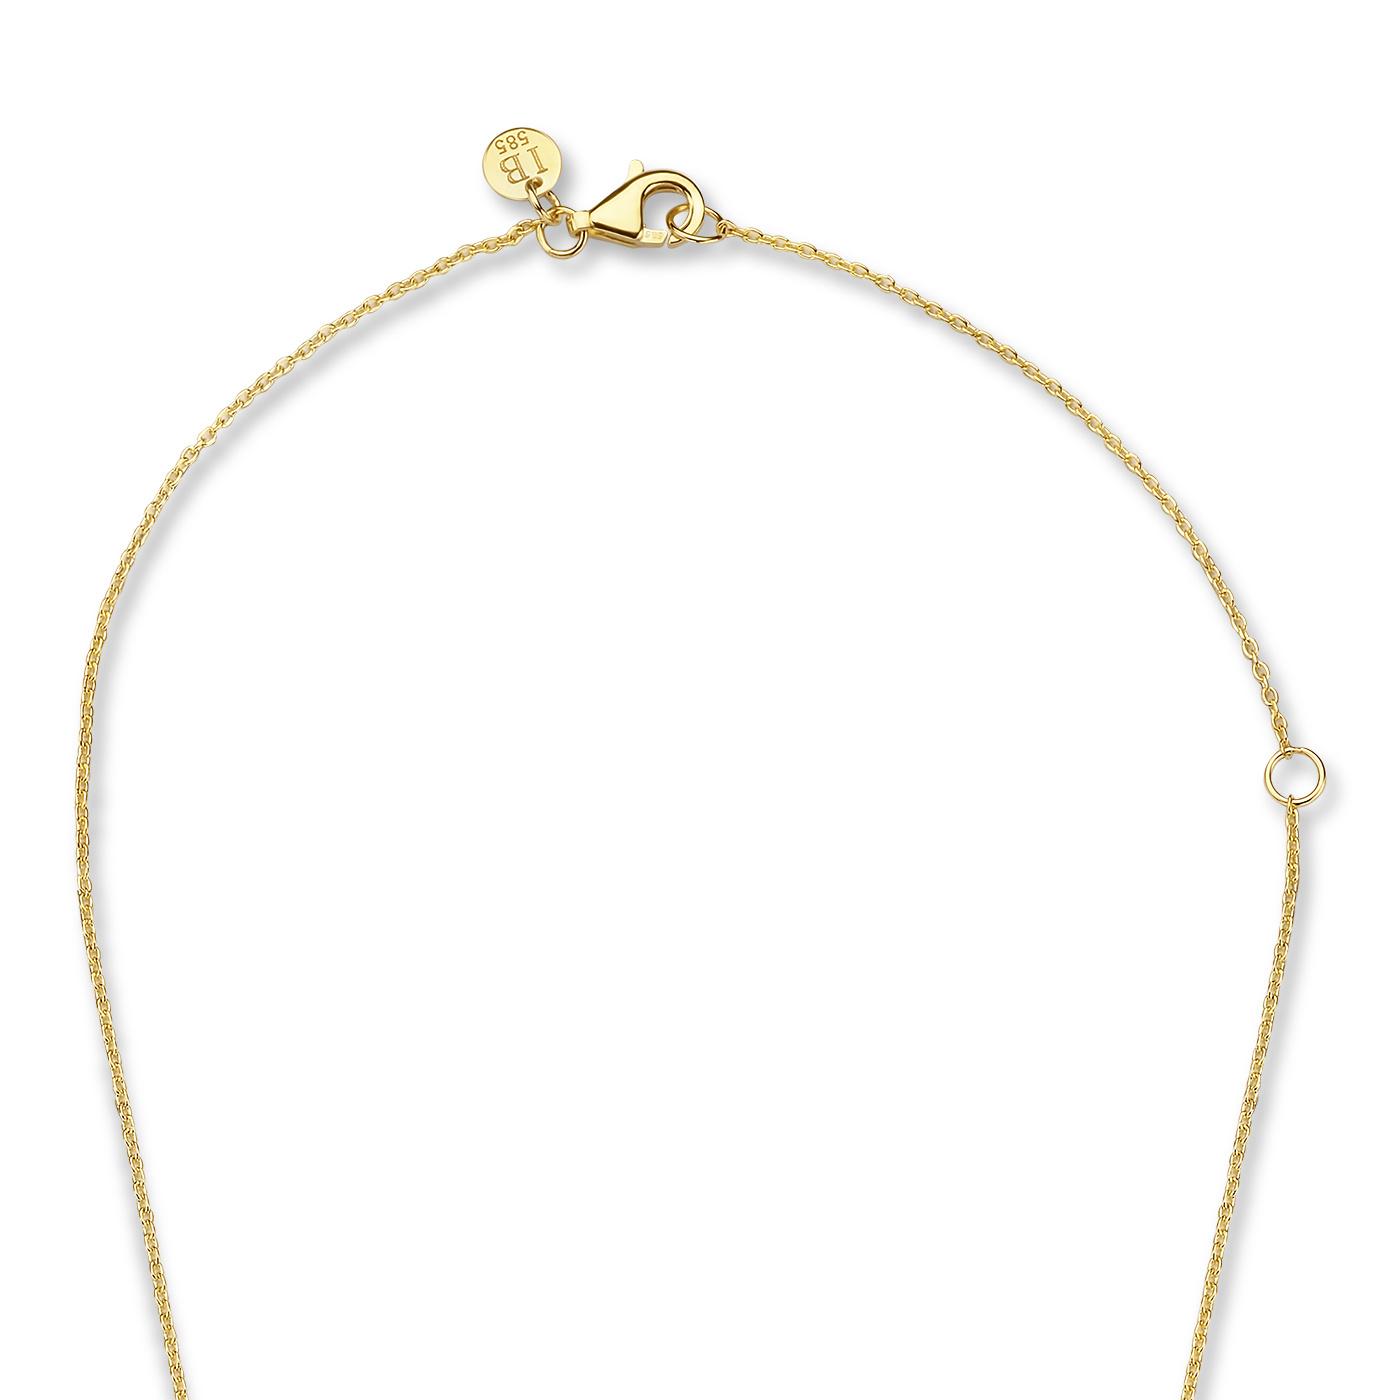 Isabel Bernard Belleville Luna 14 karaat gouden collier met zoetwaterparel